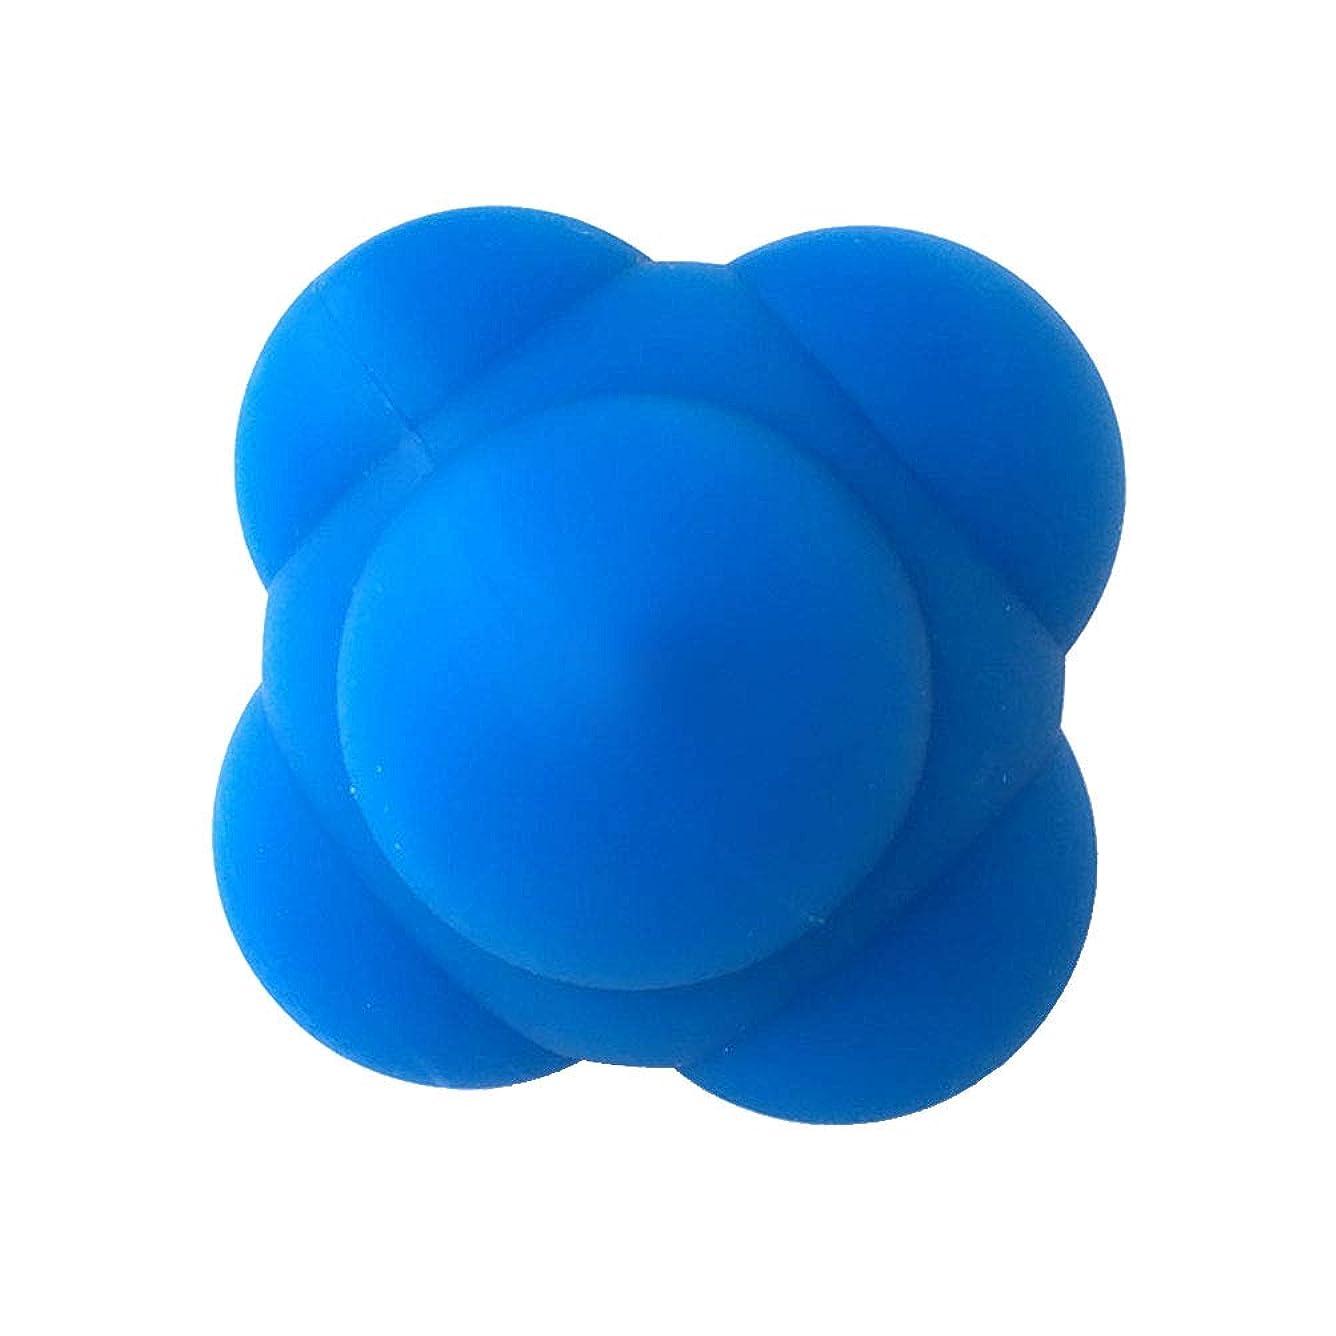 彫るマート年次Healifty 体の管理ボールスポーツシリコン六角形のボールソリッドフィットネストレーニングエクササイズリアクションボール素早さと敏捷性トレーニングボール6cm(青)